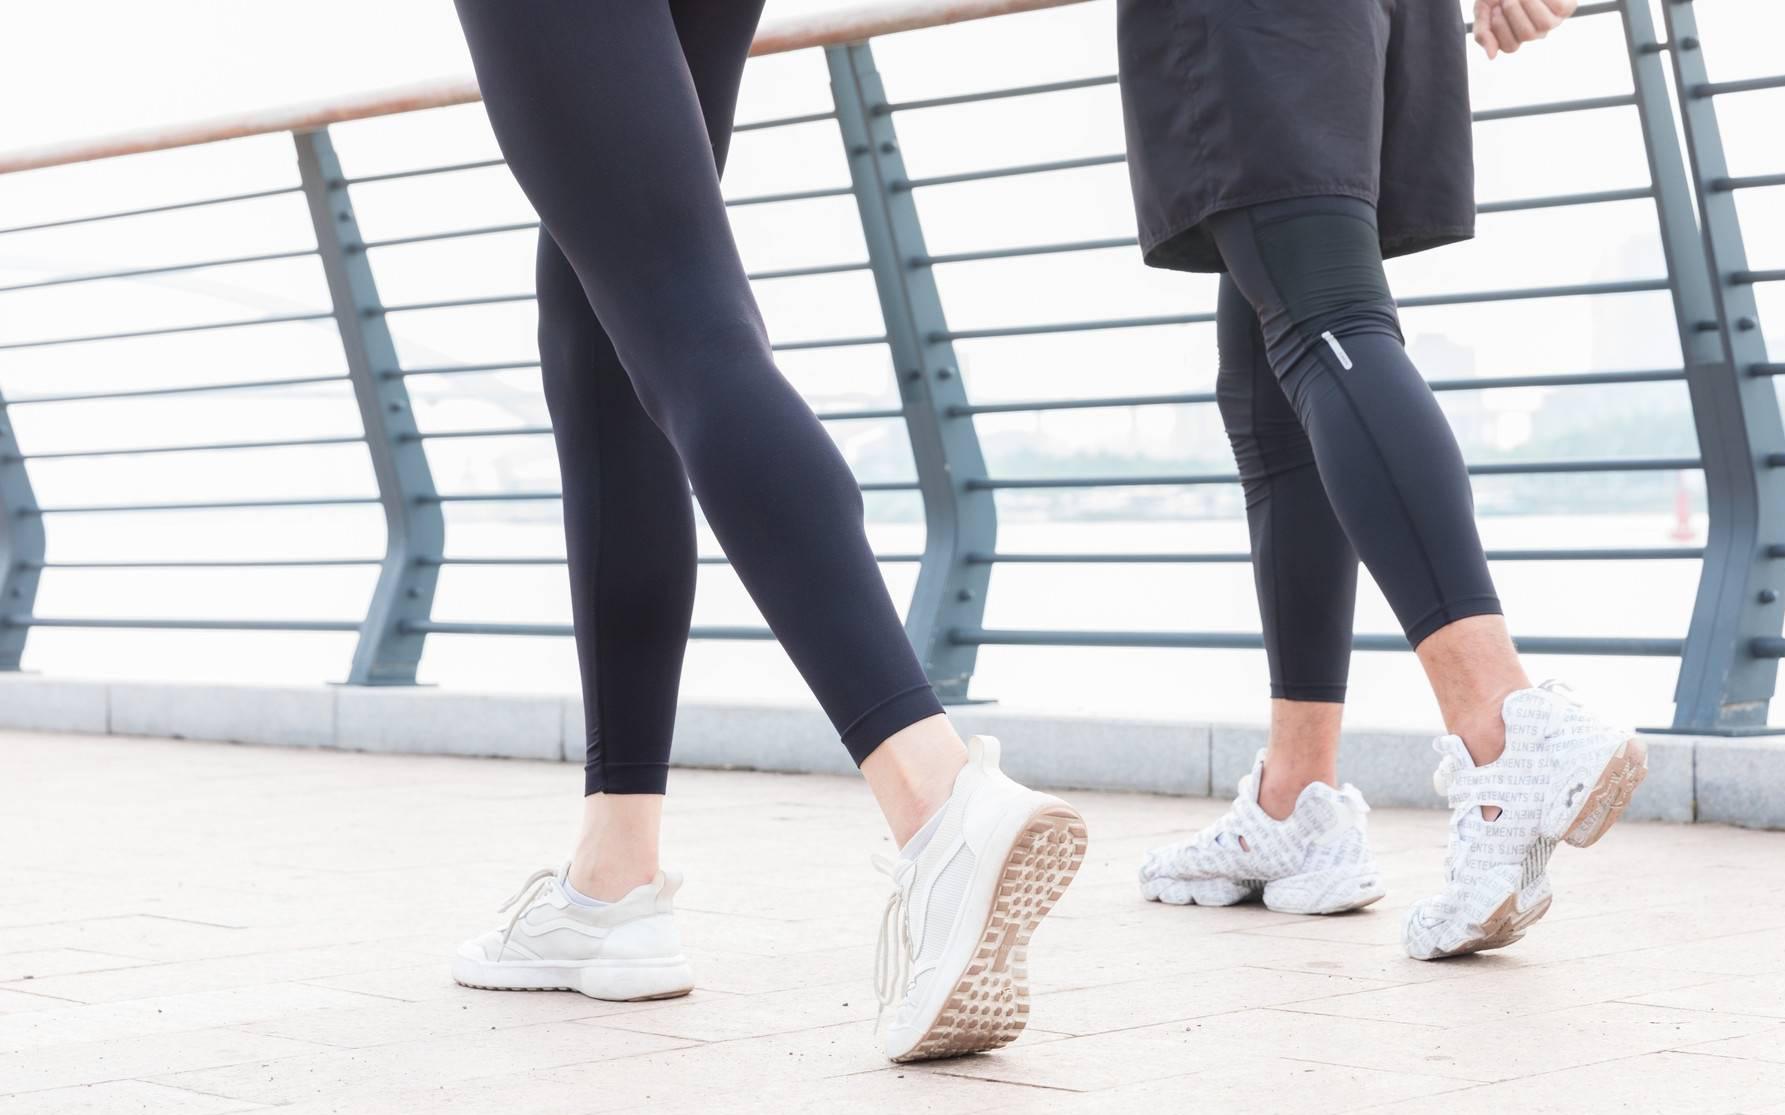 Những người có tuổi thọ ngắn thường có 3 đặc điểm này khi đi bộ, sau 45 tuổi hy vọng bạn không mắc phải bất kì điểm nào